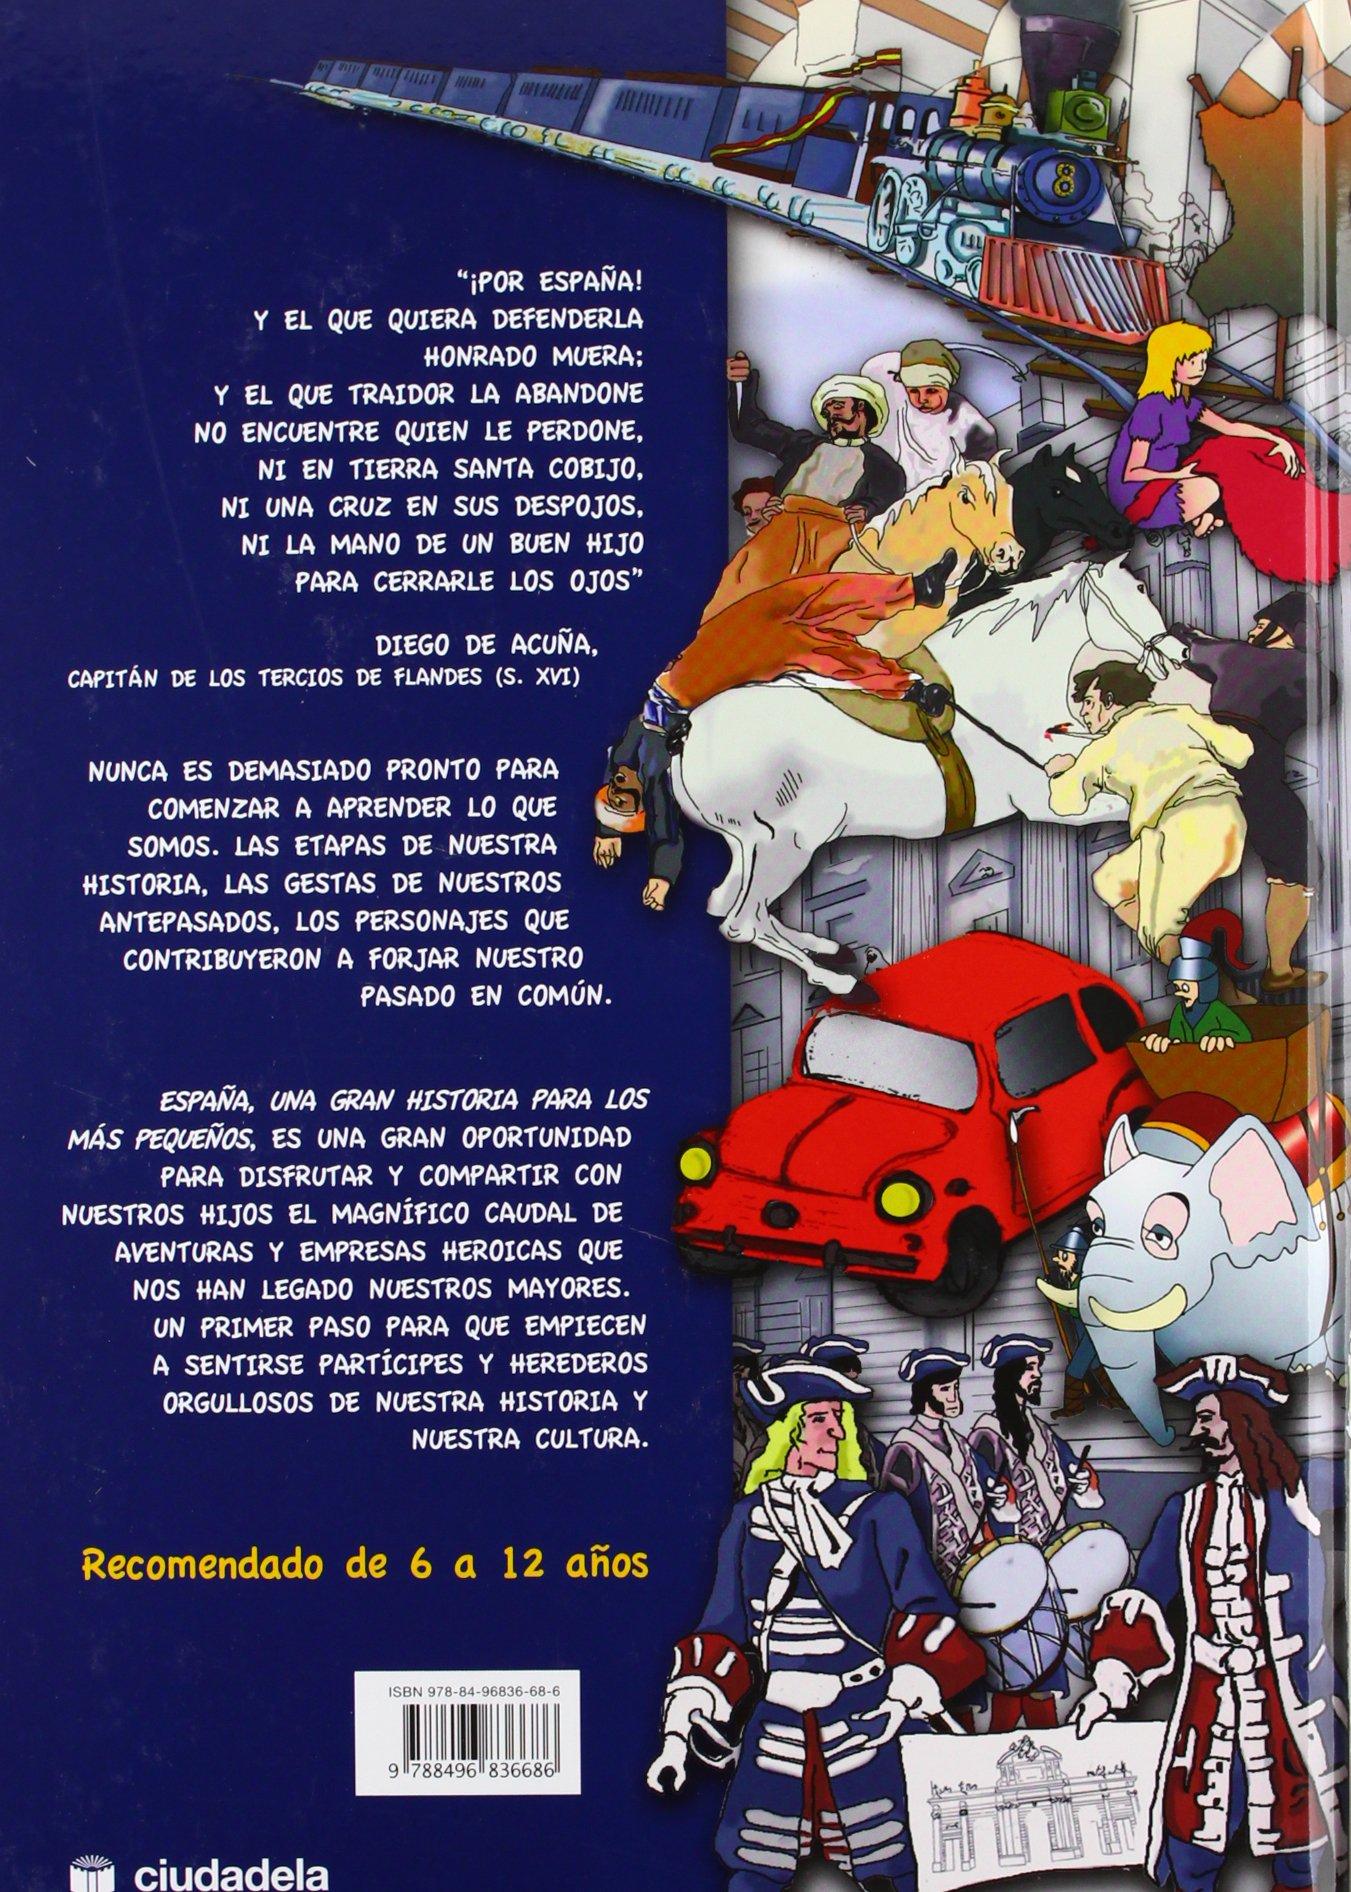 España una gran historia para los más pequeños Infantil y juvenil: Amazon.es: Fernandez Blanco, Pablo: Libros